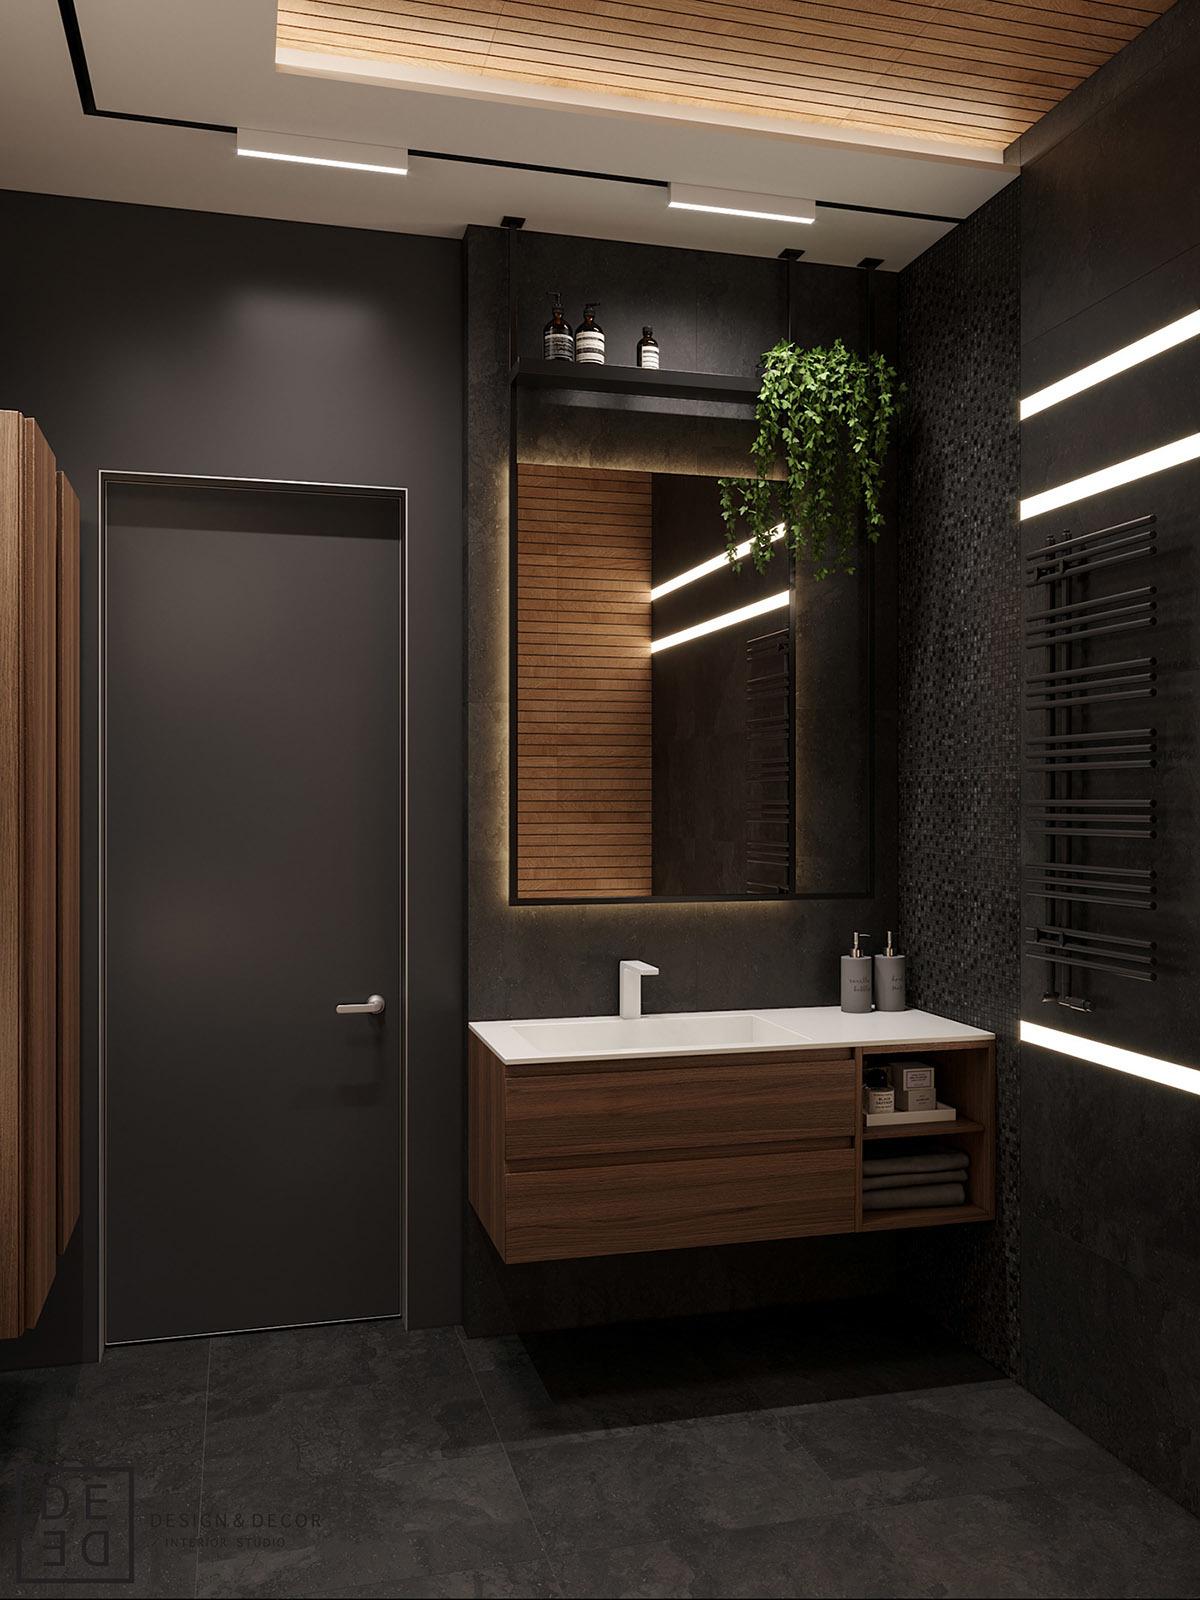 Sötétszürke fürdőszoba és szépen megvilágított bútor